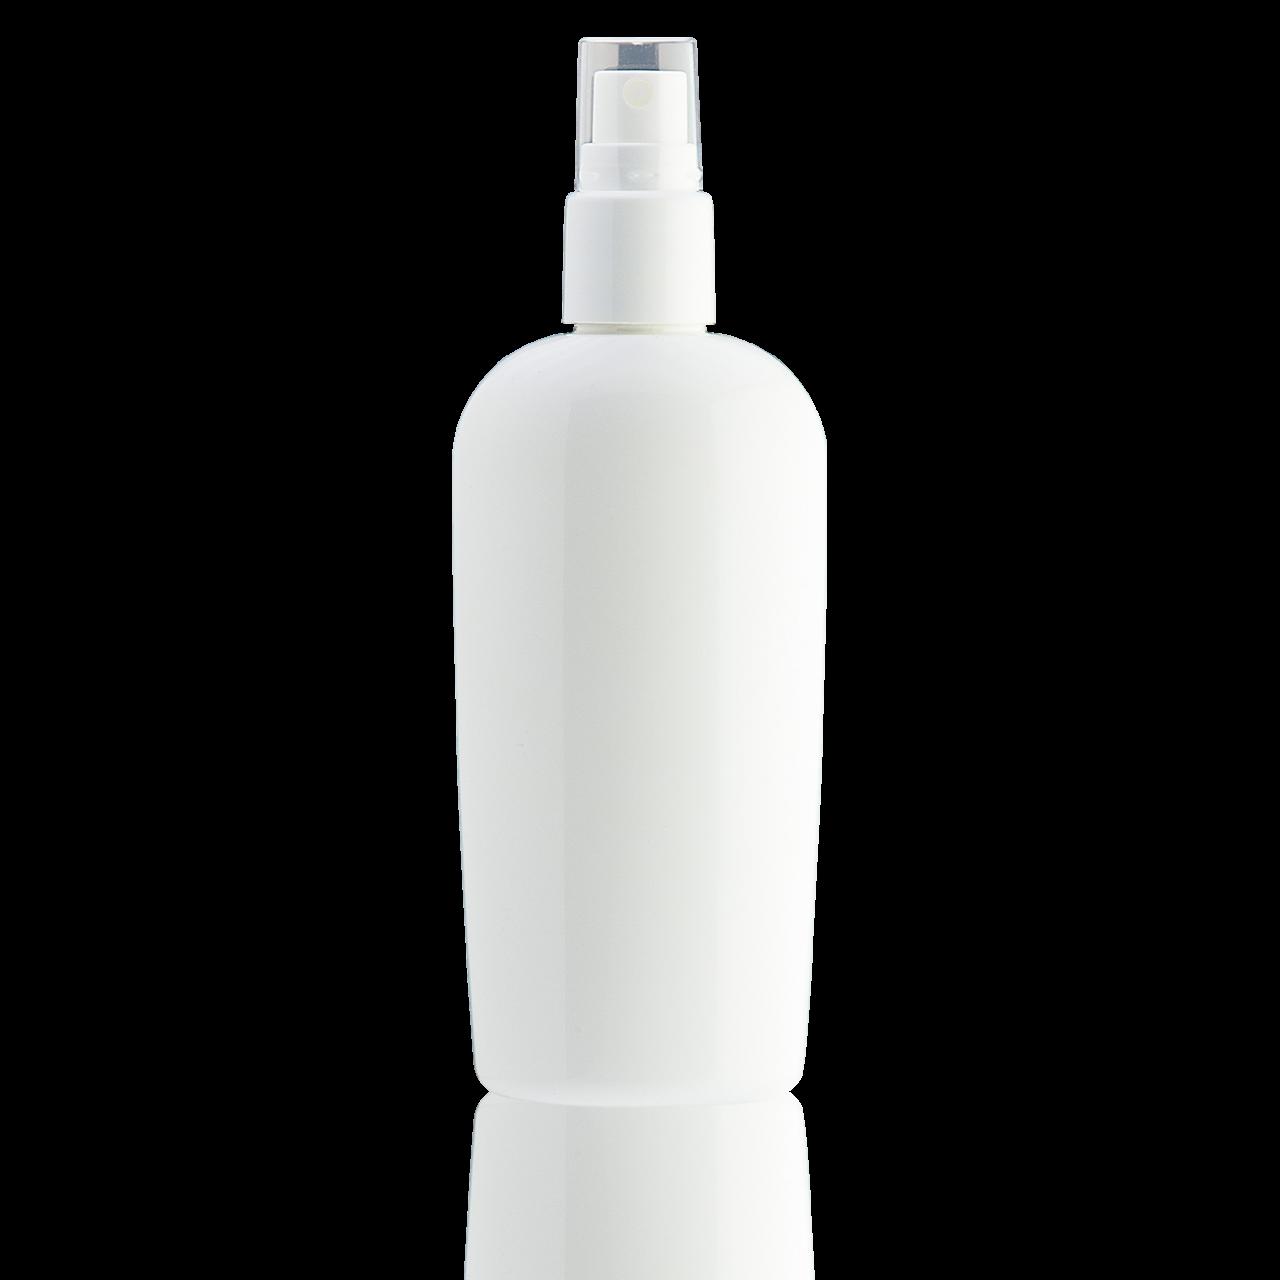 Zerstäuberflasche für Flüssigkeiten 150 ml